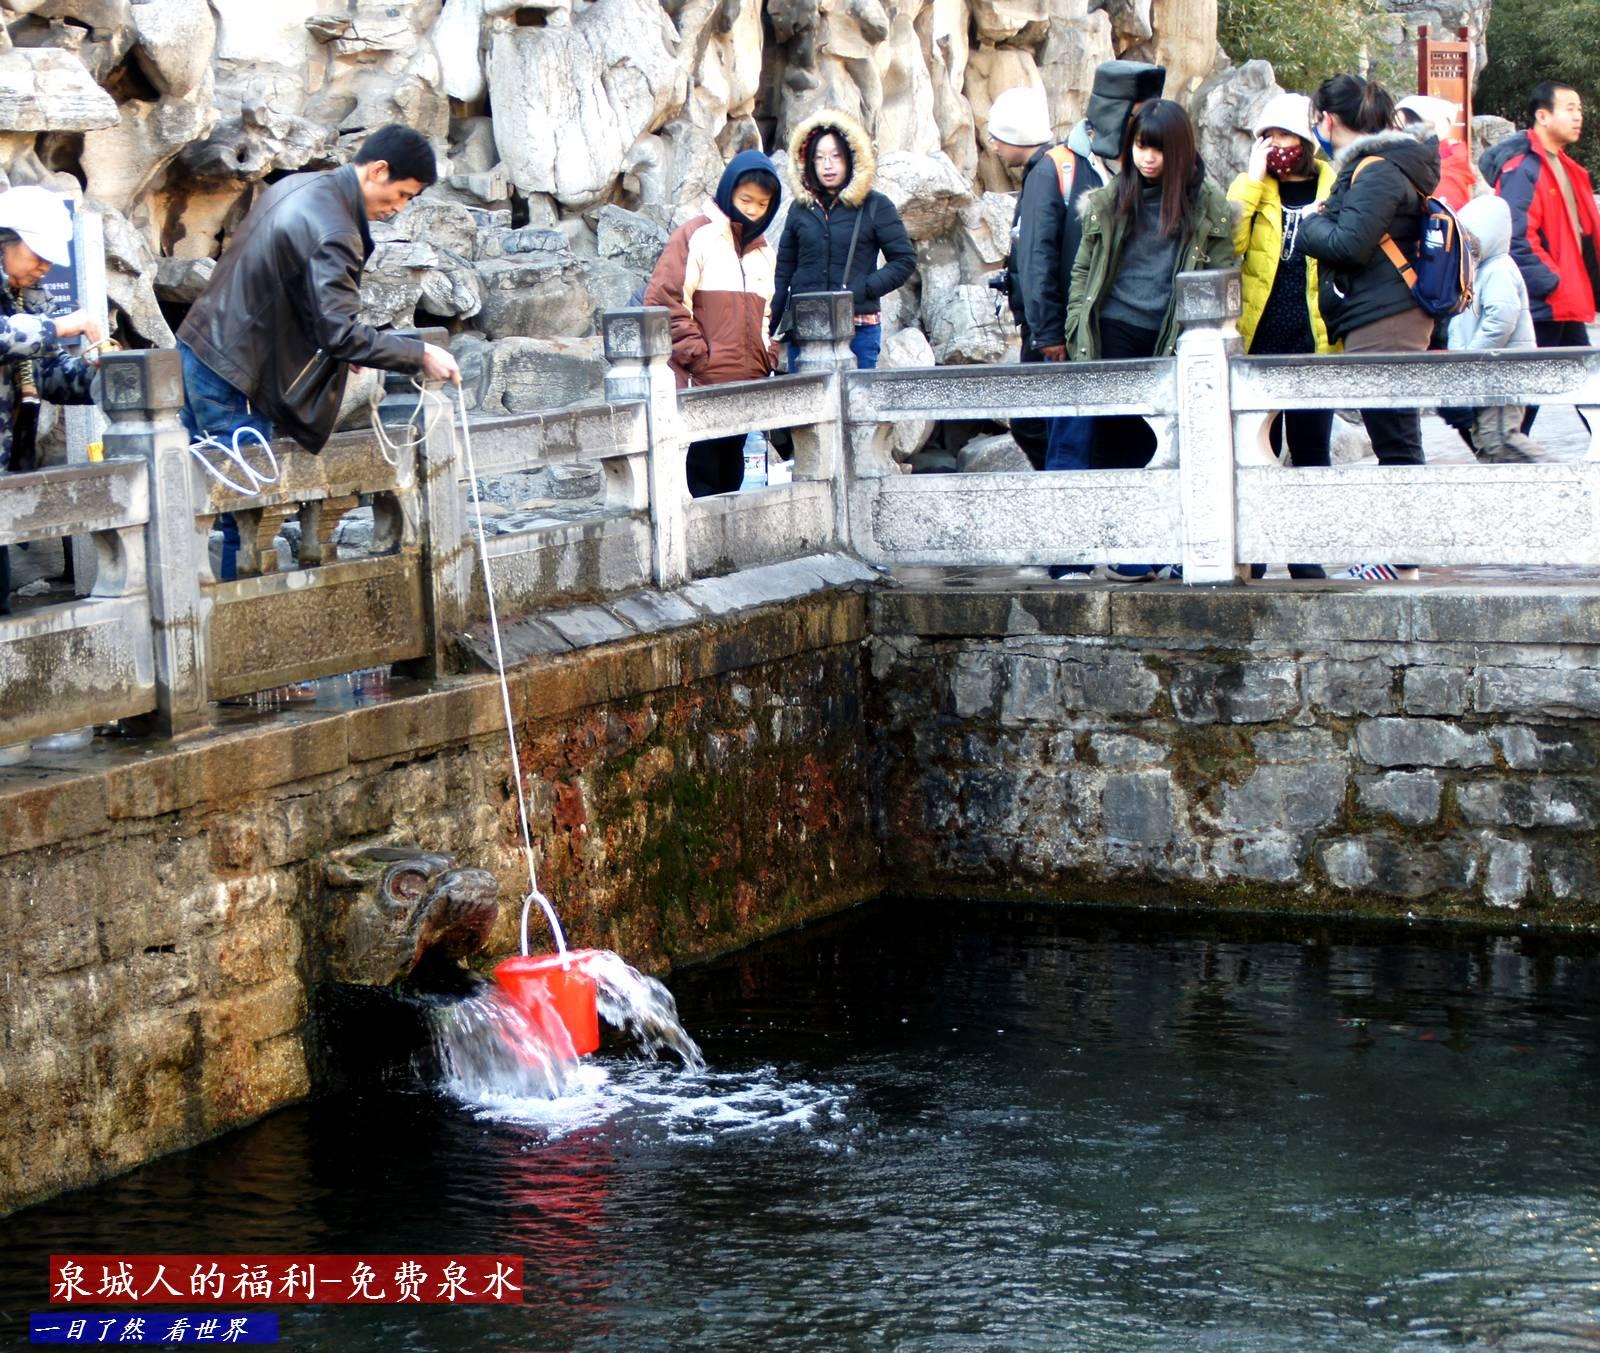 2016-02-06-泉城广场-免费泉水-20-1600.jpg